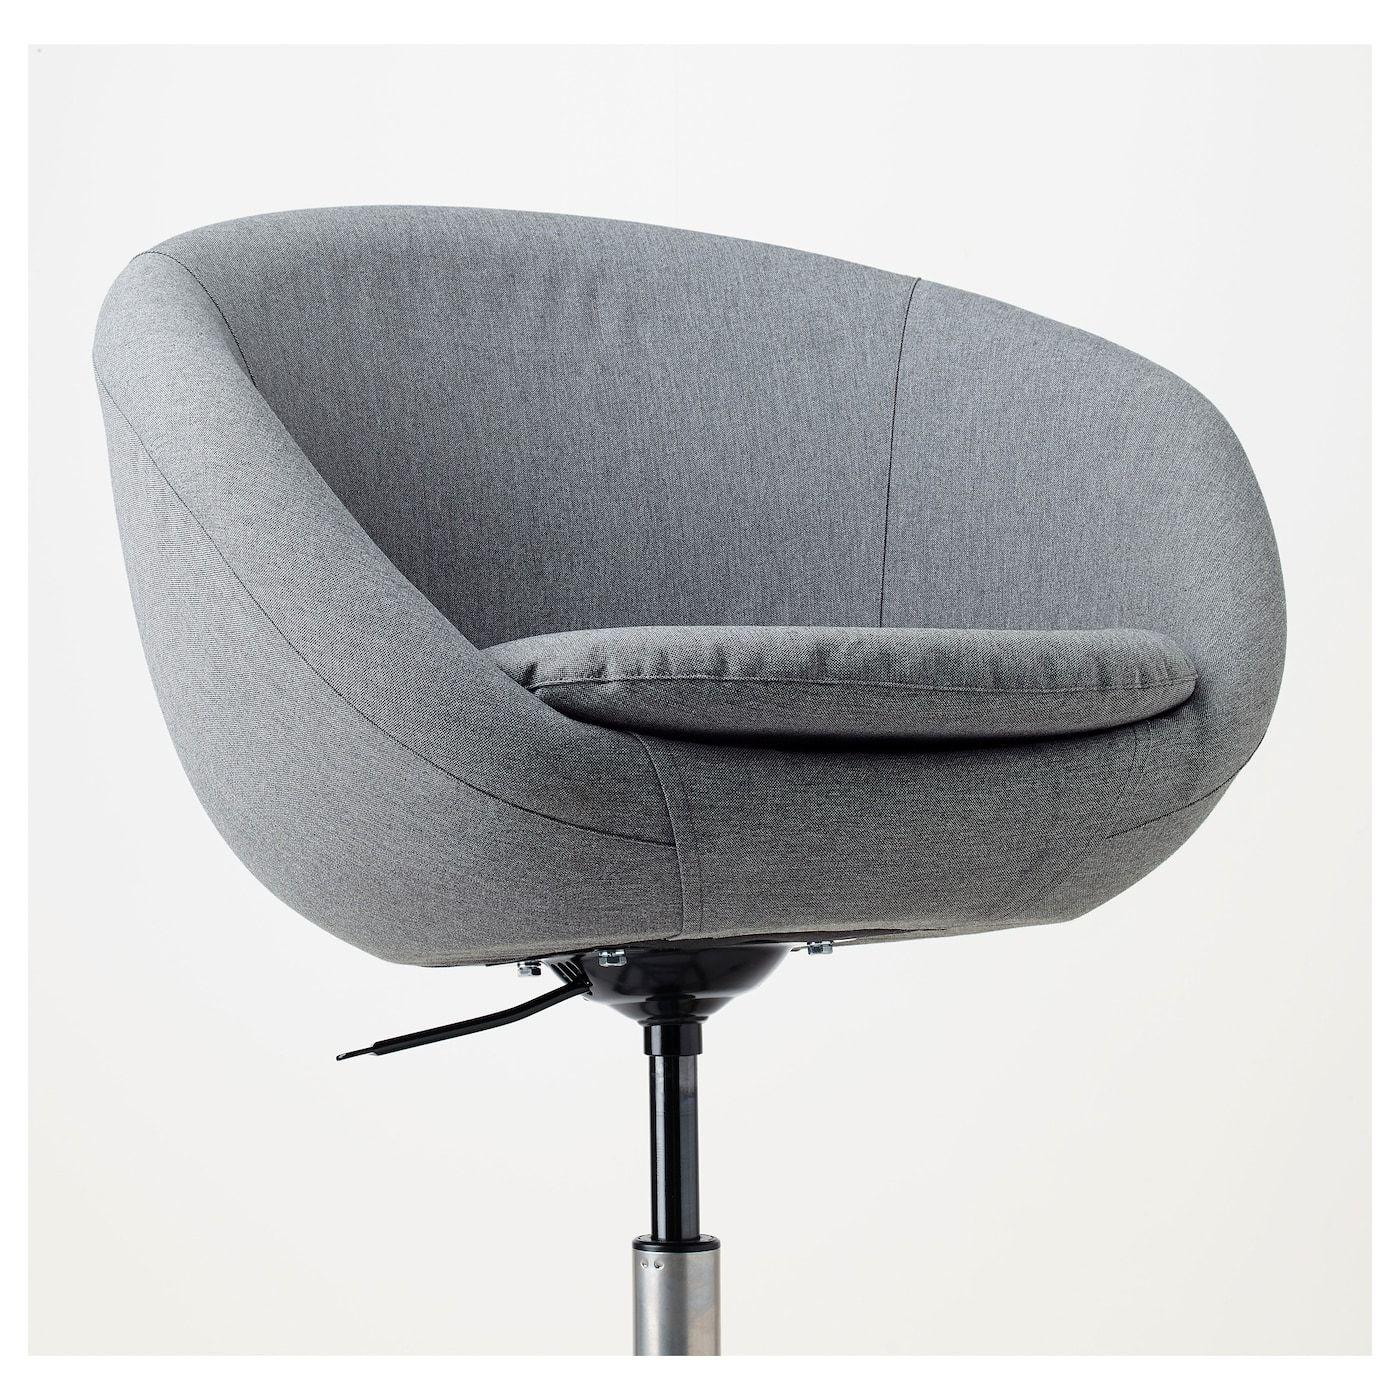 SKRUVSTA Drehstuhl Vissle grau IKEA Österreich Chair